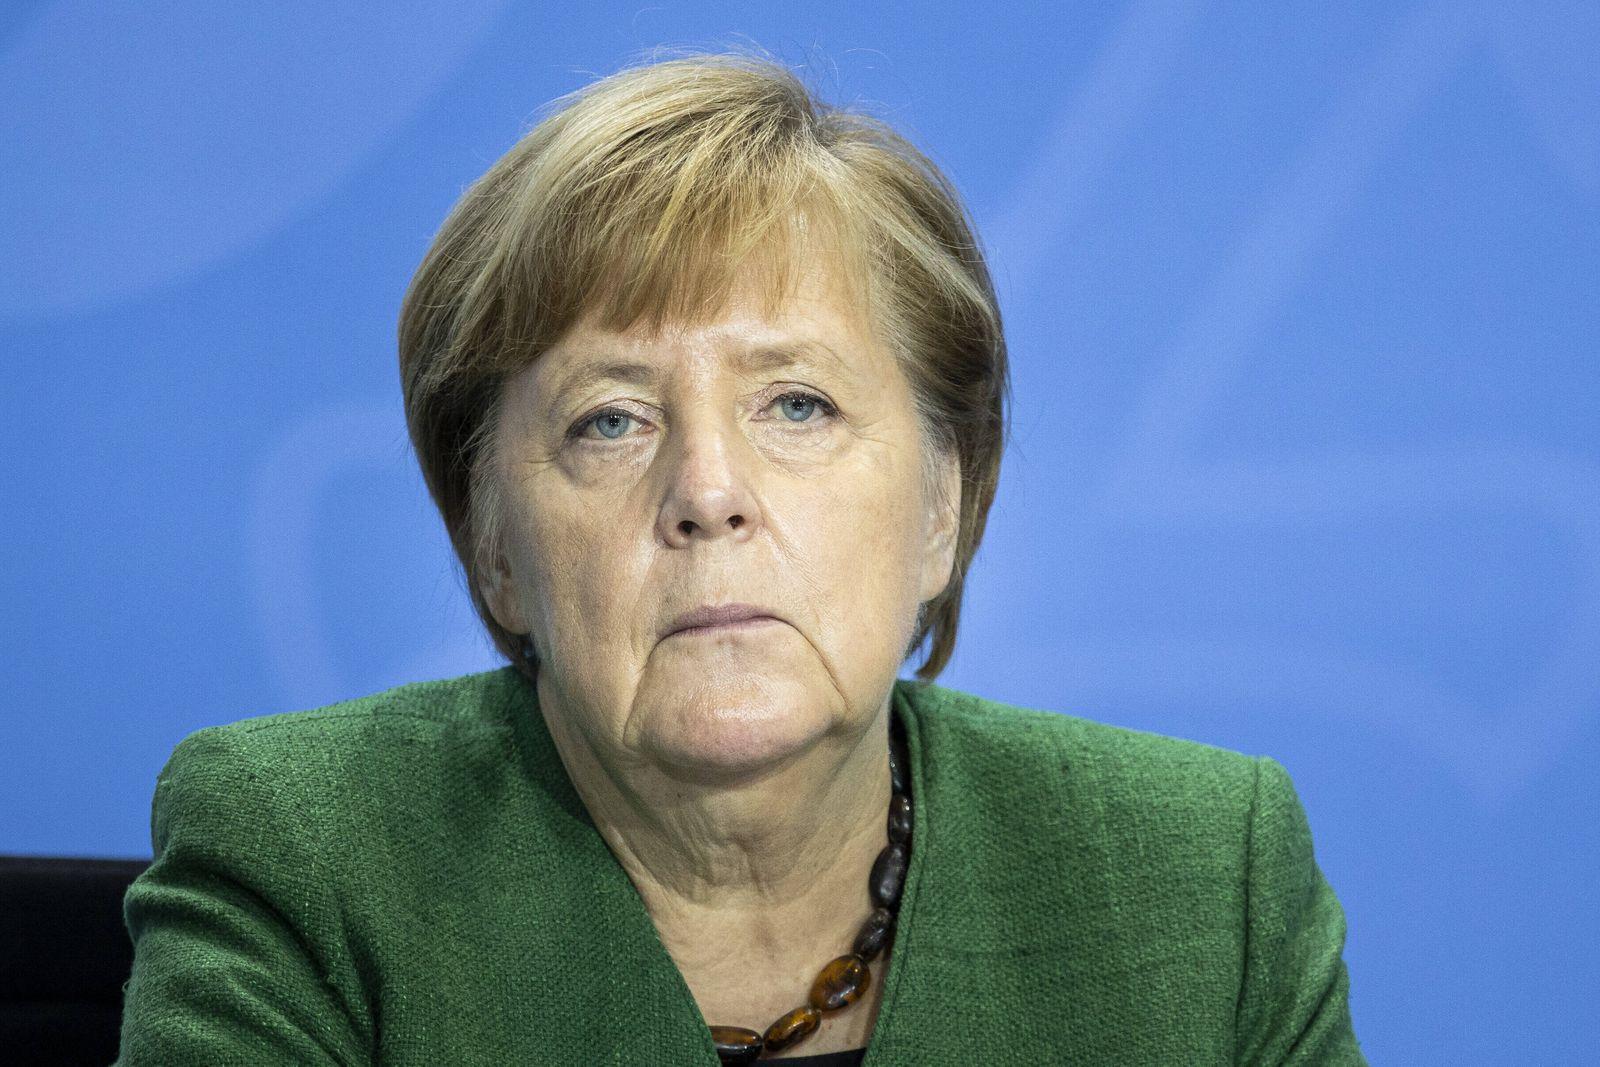 Angela Merkel, Bundeskanzlerin, aufgenommen im Rahmen einer Pressekonferenz zum 12. Integrationsgipfel in Berlin, 19.10